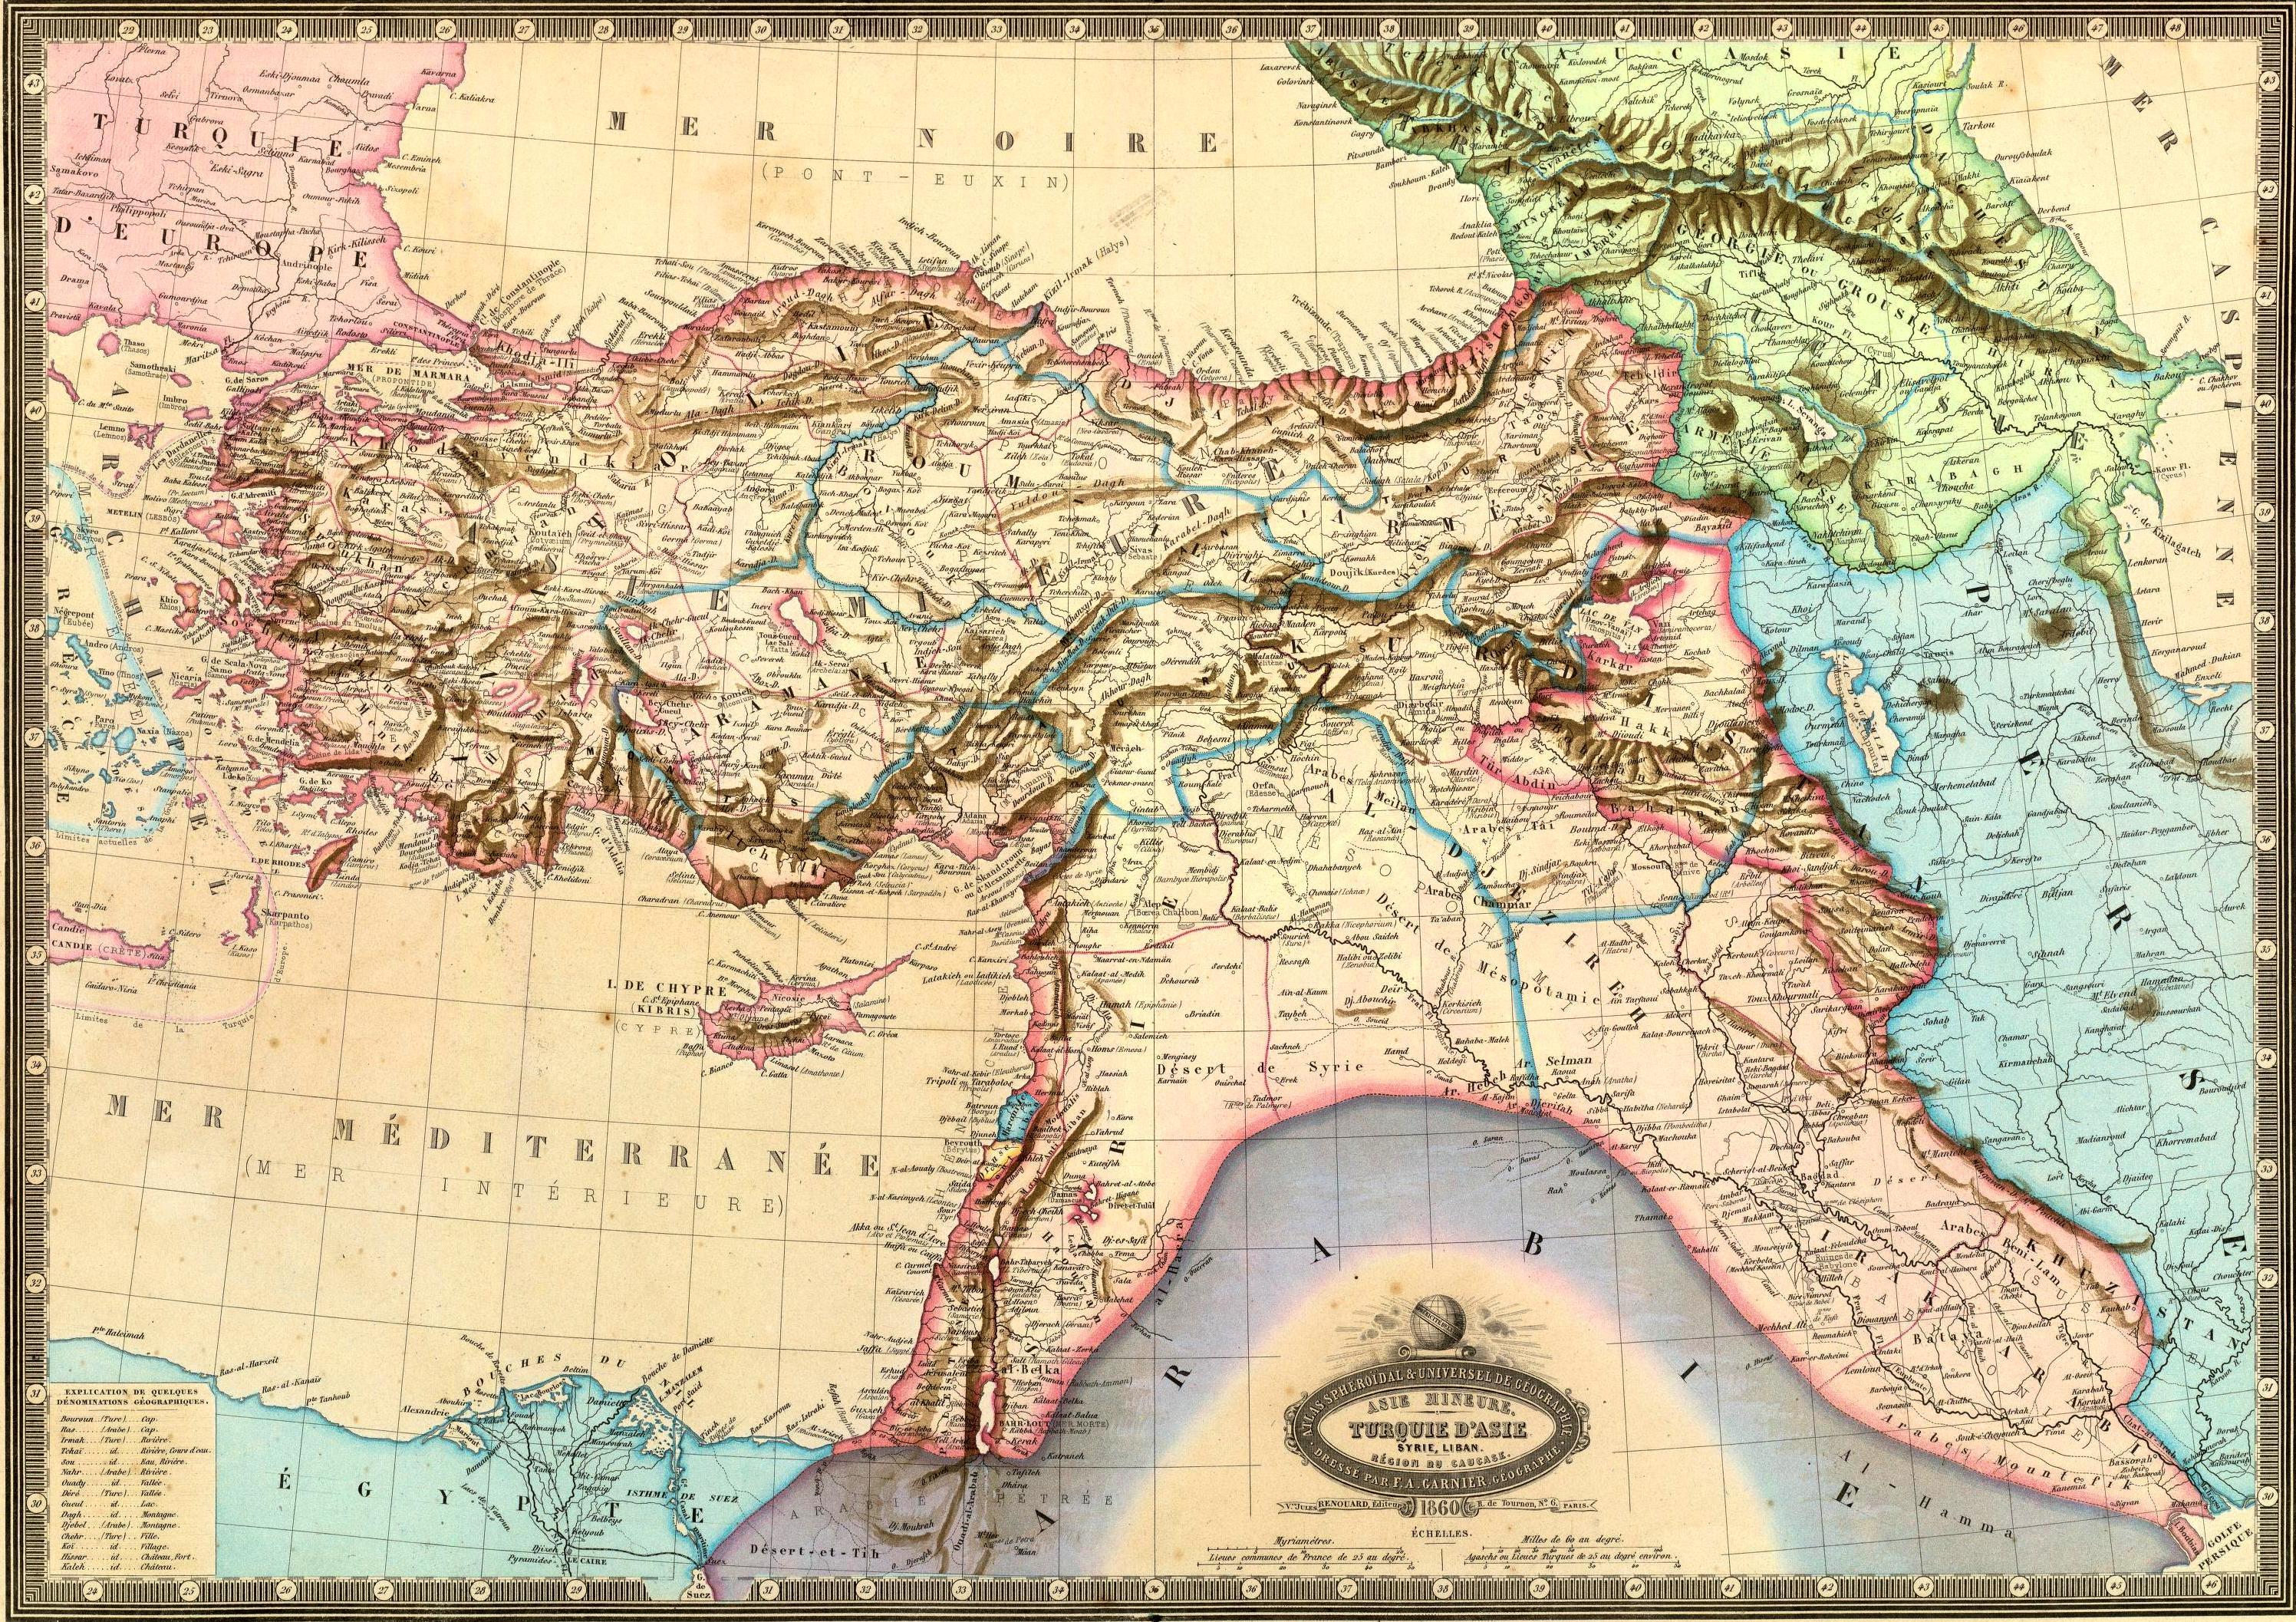 Garnier,_F._A.,_Turquie,_Syrie,_Liban,_Caucase._1862._(A)